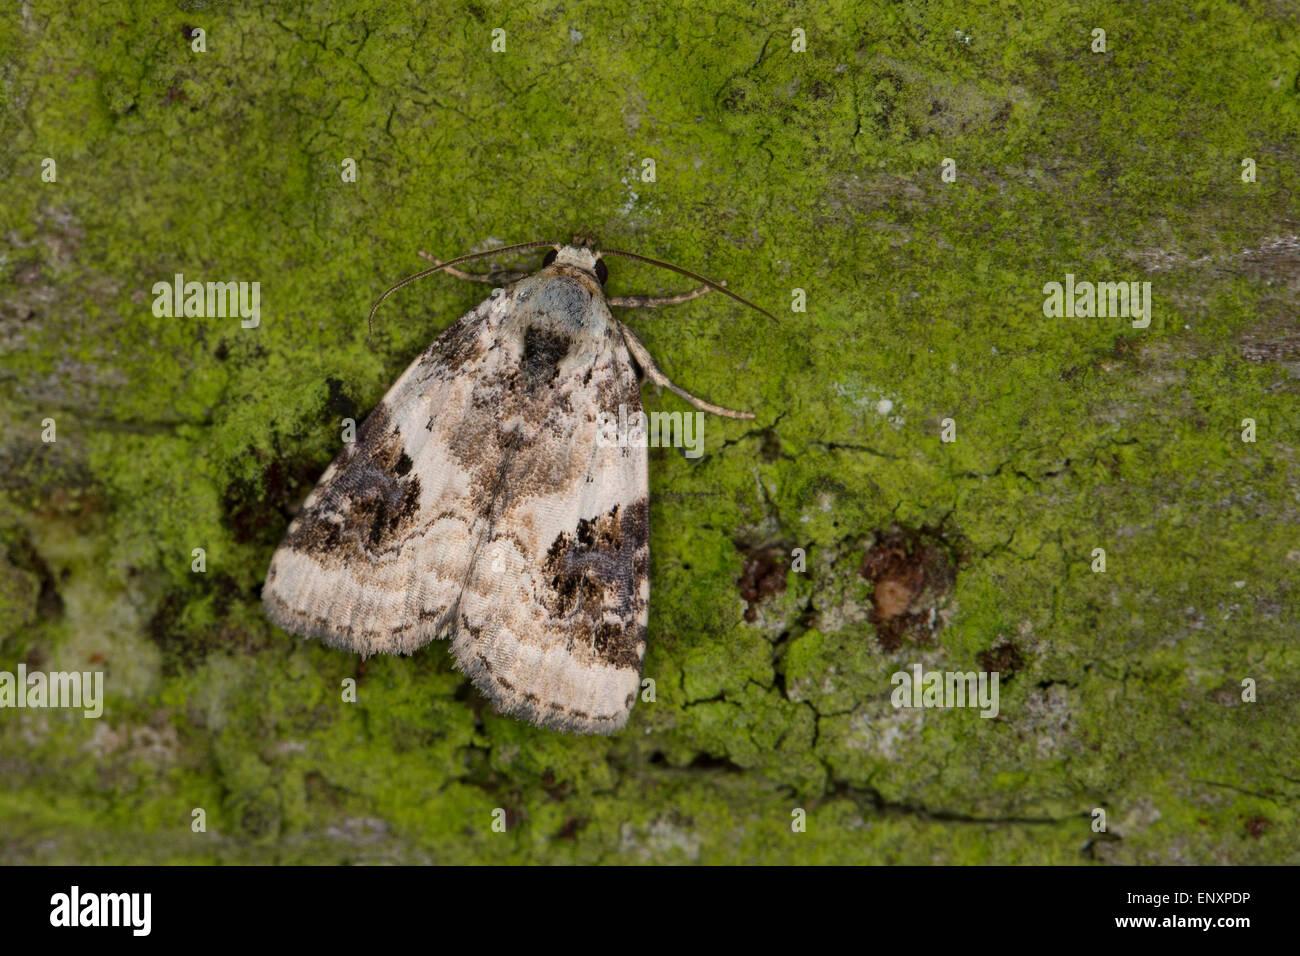 Shining Marbled, Dreieck-Grasmotteneulchen, Weißlichgraue Grasmotteneule, Pseudeustrotia candidula, Eustrotia - Stock Image